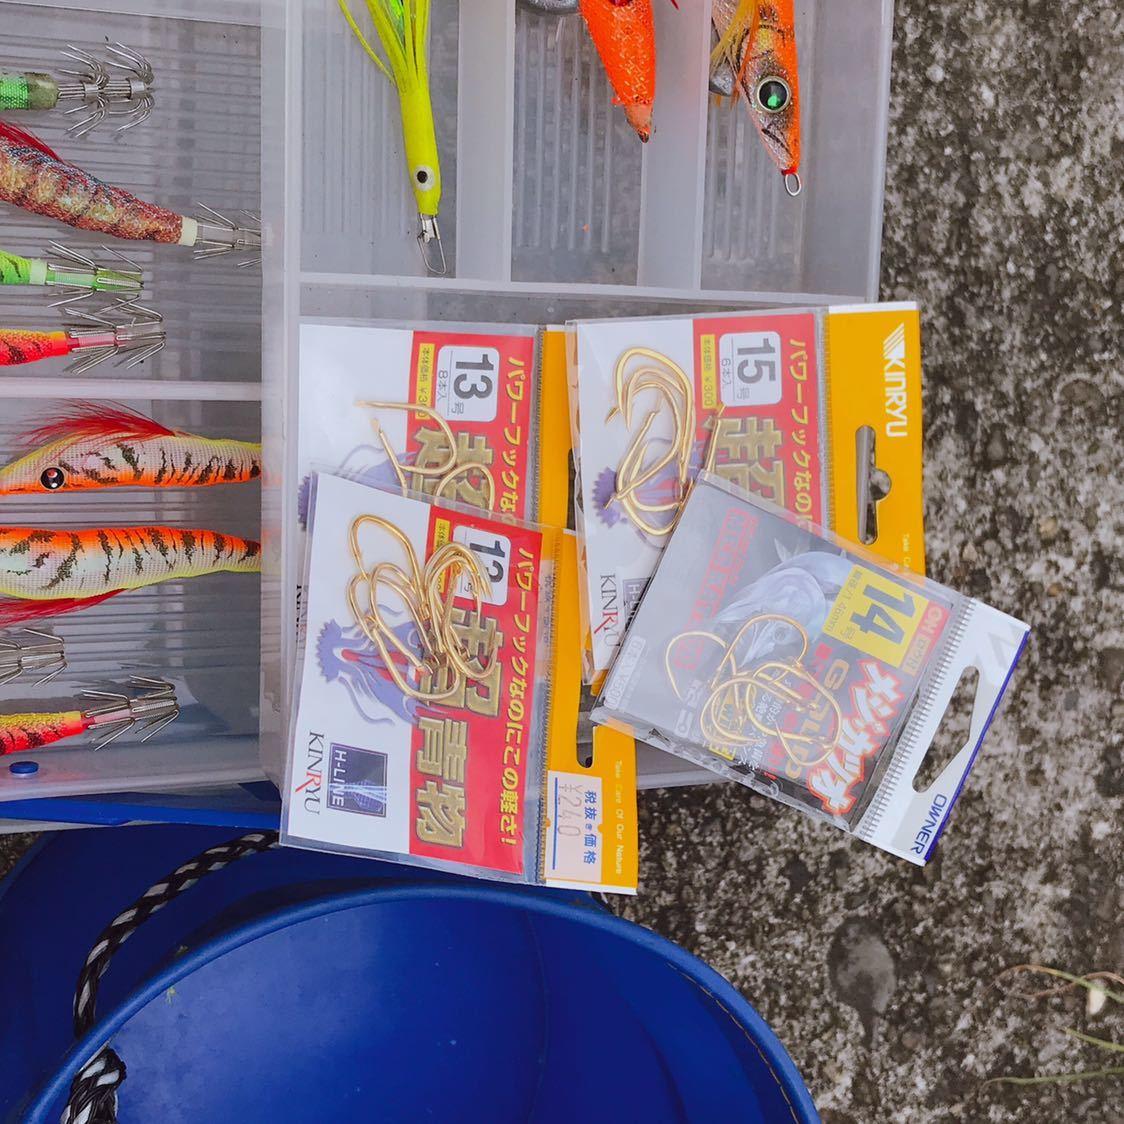 1円 海釣り 仕掛け いろいろ セット 鉛スッテ タコエギ ハリスなど 画像参照_画像3